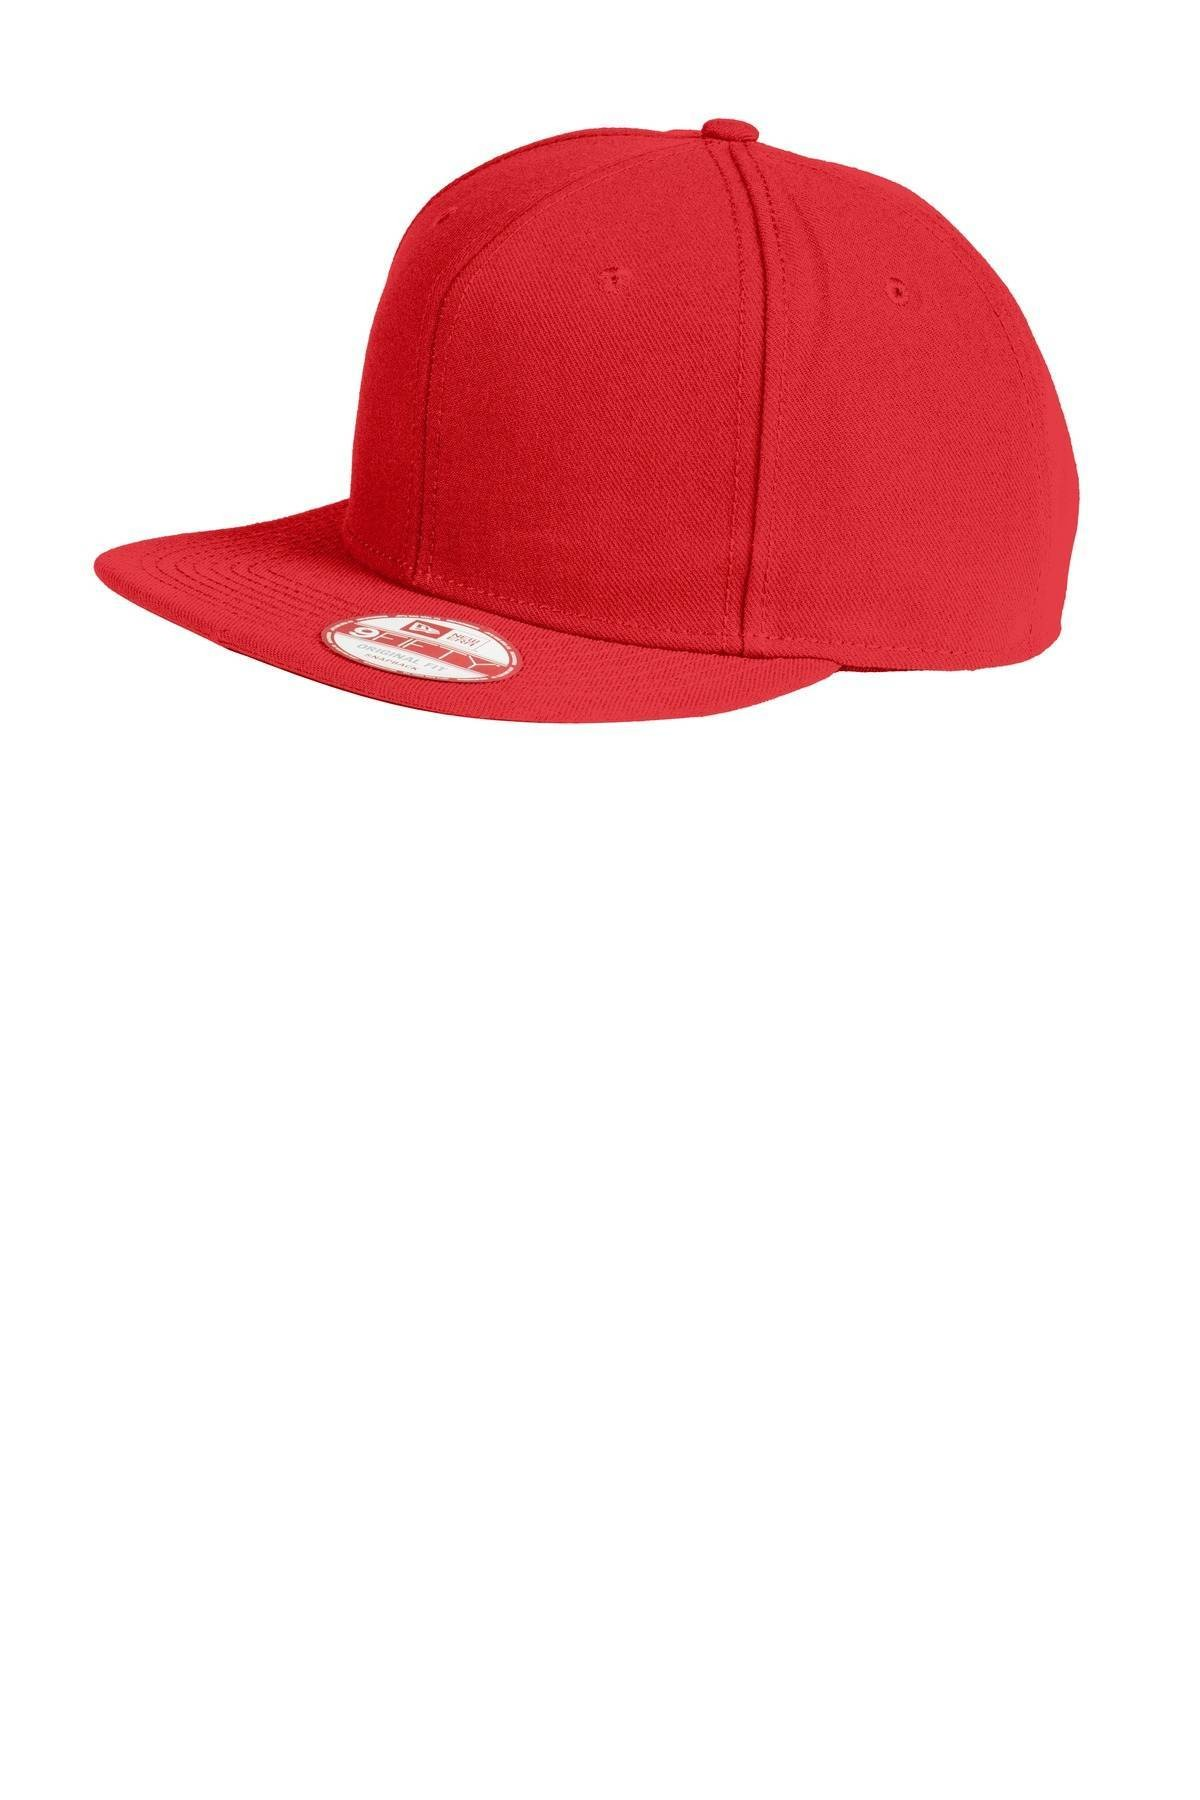 fcd3c1c6337 New Era® Original Fit Flat Bill Snapback Cap - Hats - Apparel